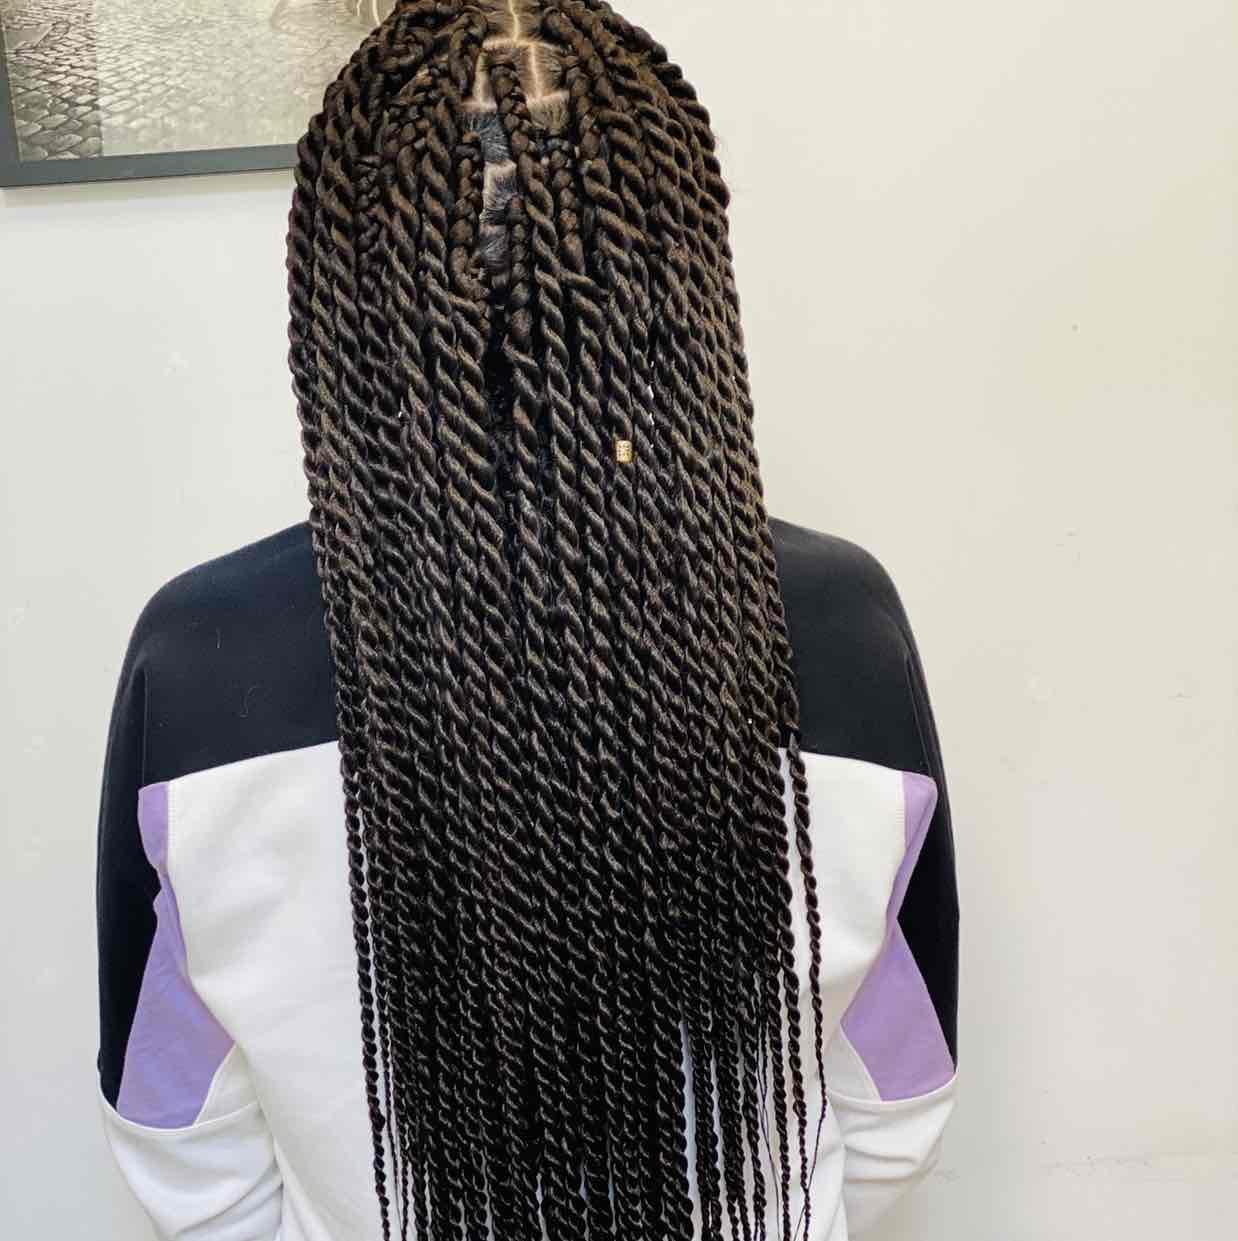 salon de coiffure afro tresse tresses box braids crochet braids vanilles tissages paris 75 77 78 91 92 93 94 95 VJFGKATR